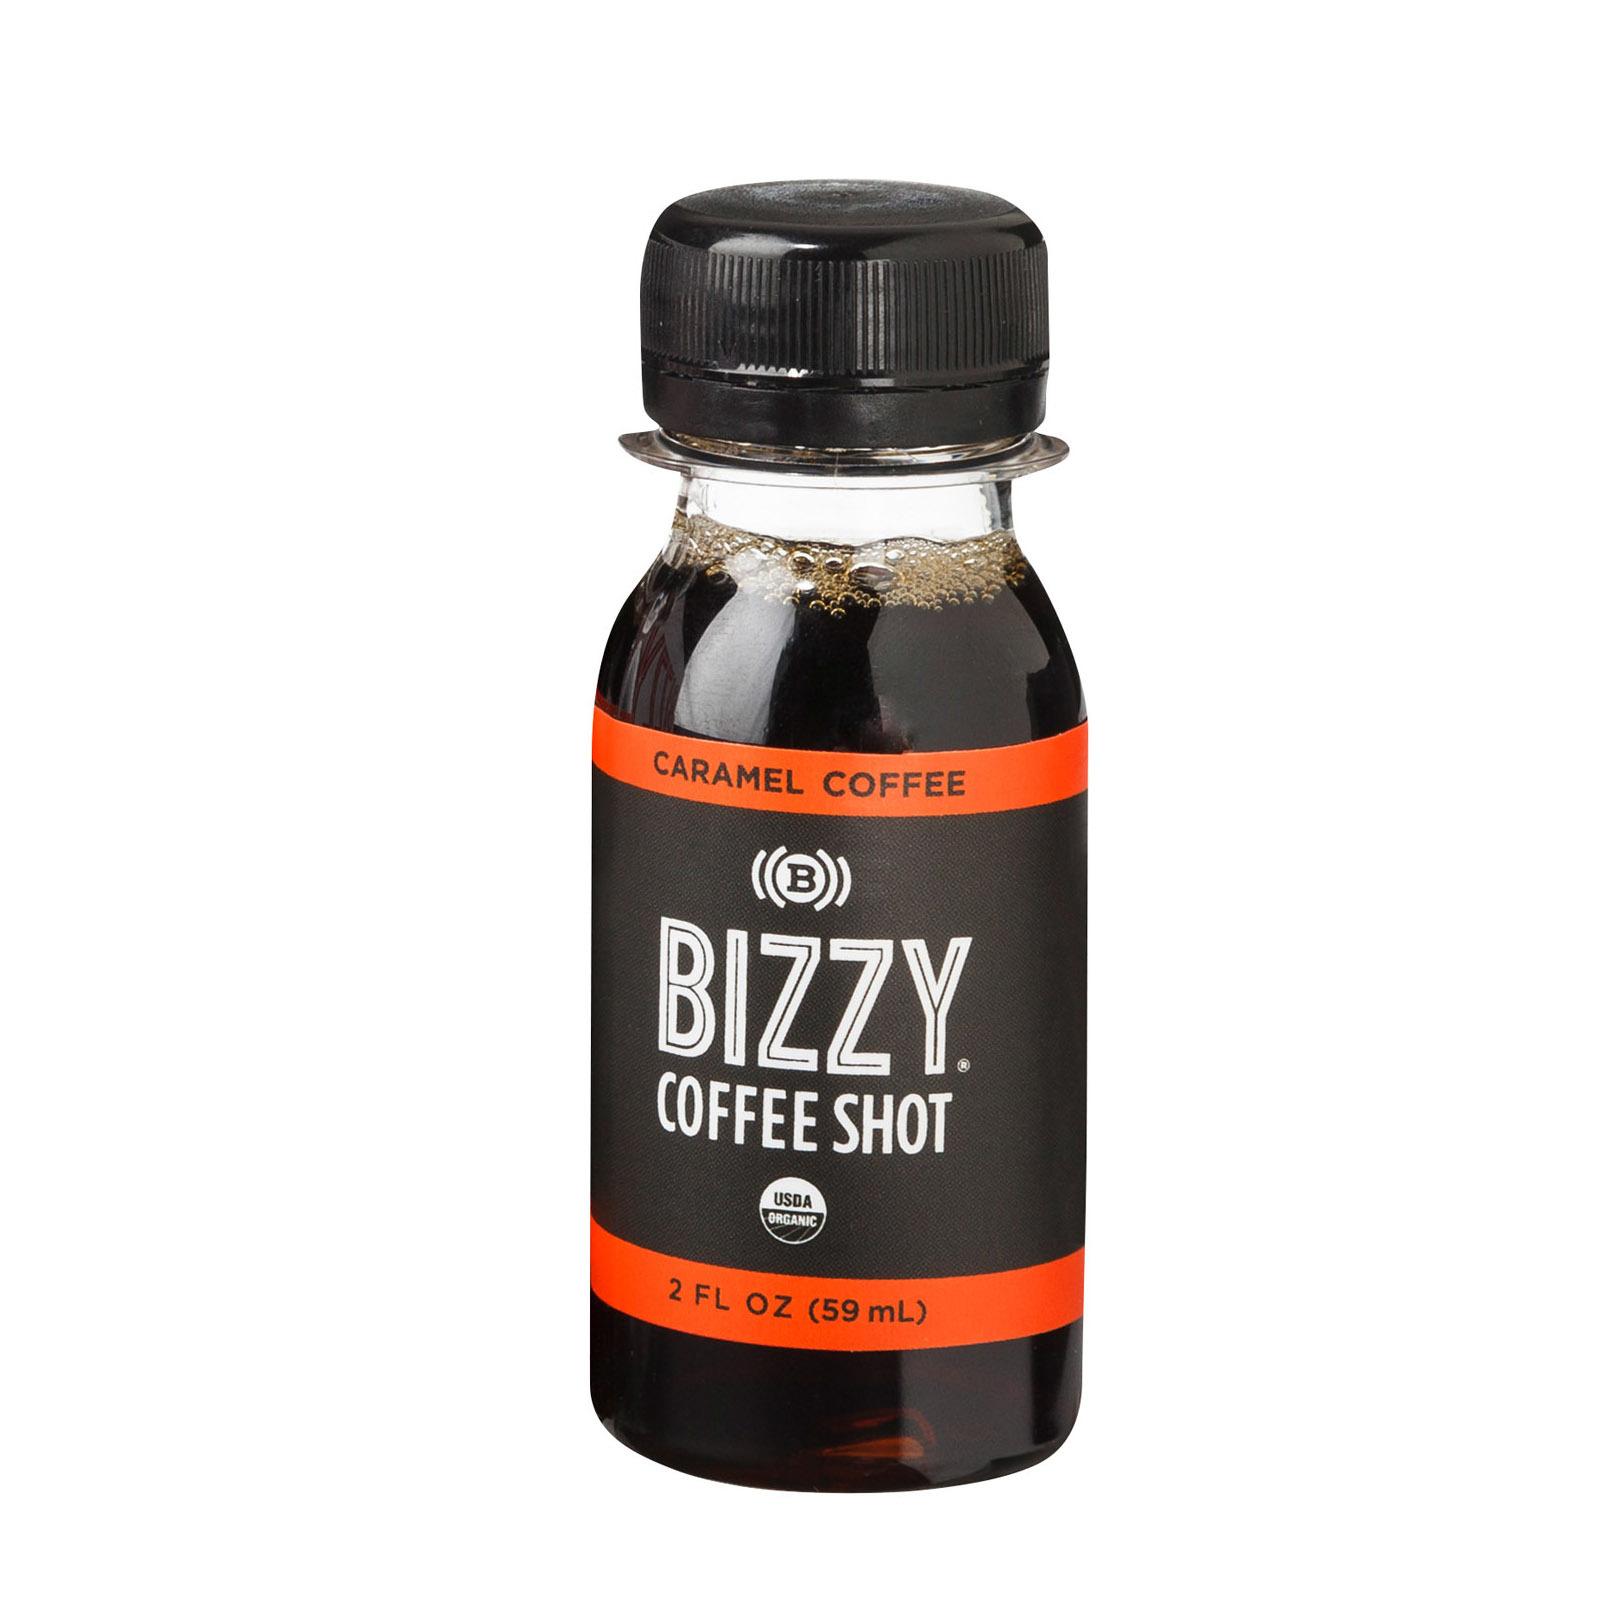 Bizzy Coffee Shot - Organic - Caramel - Case of 6 - 2 fl oz